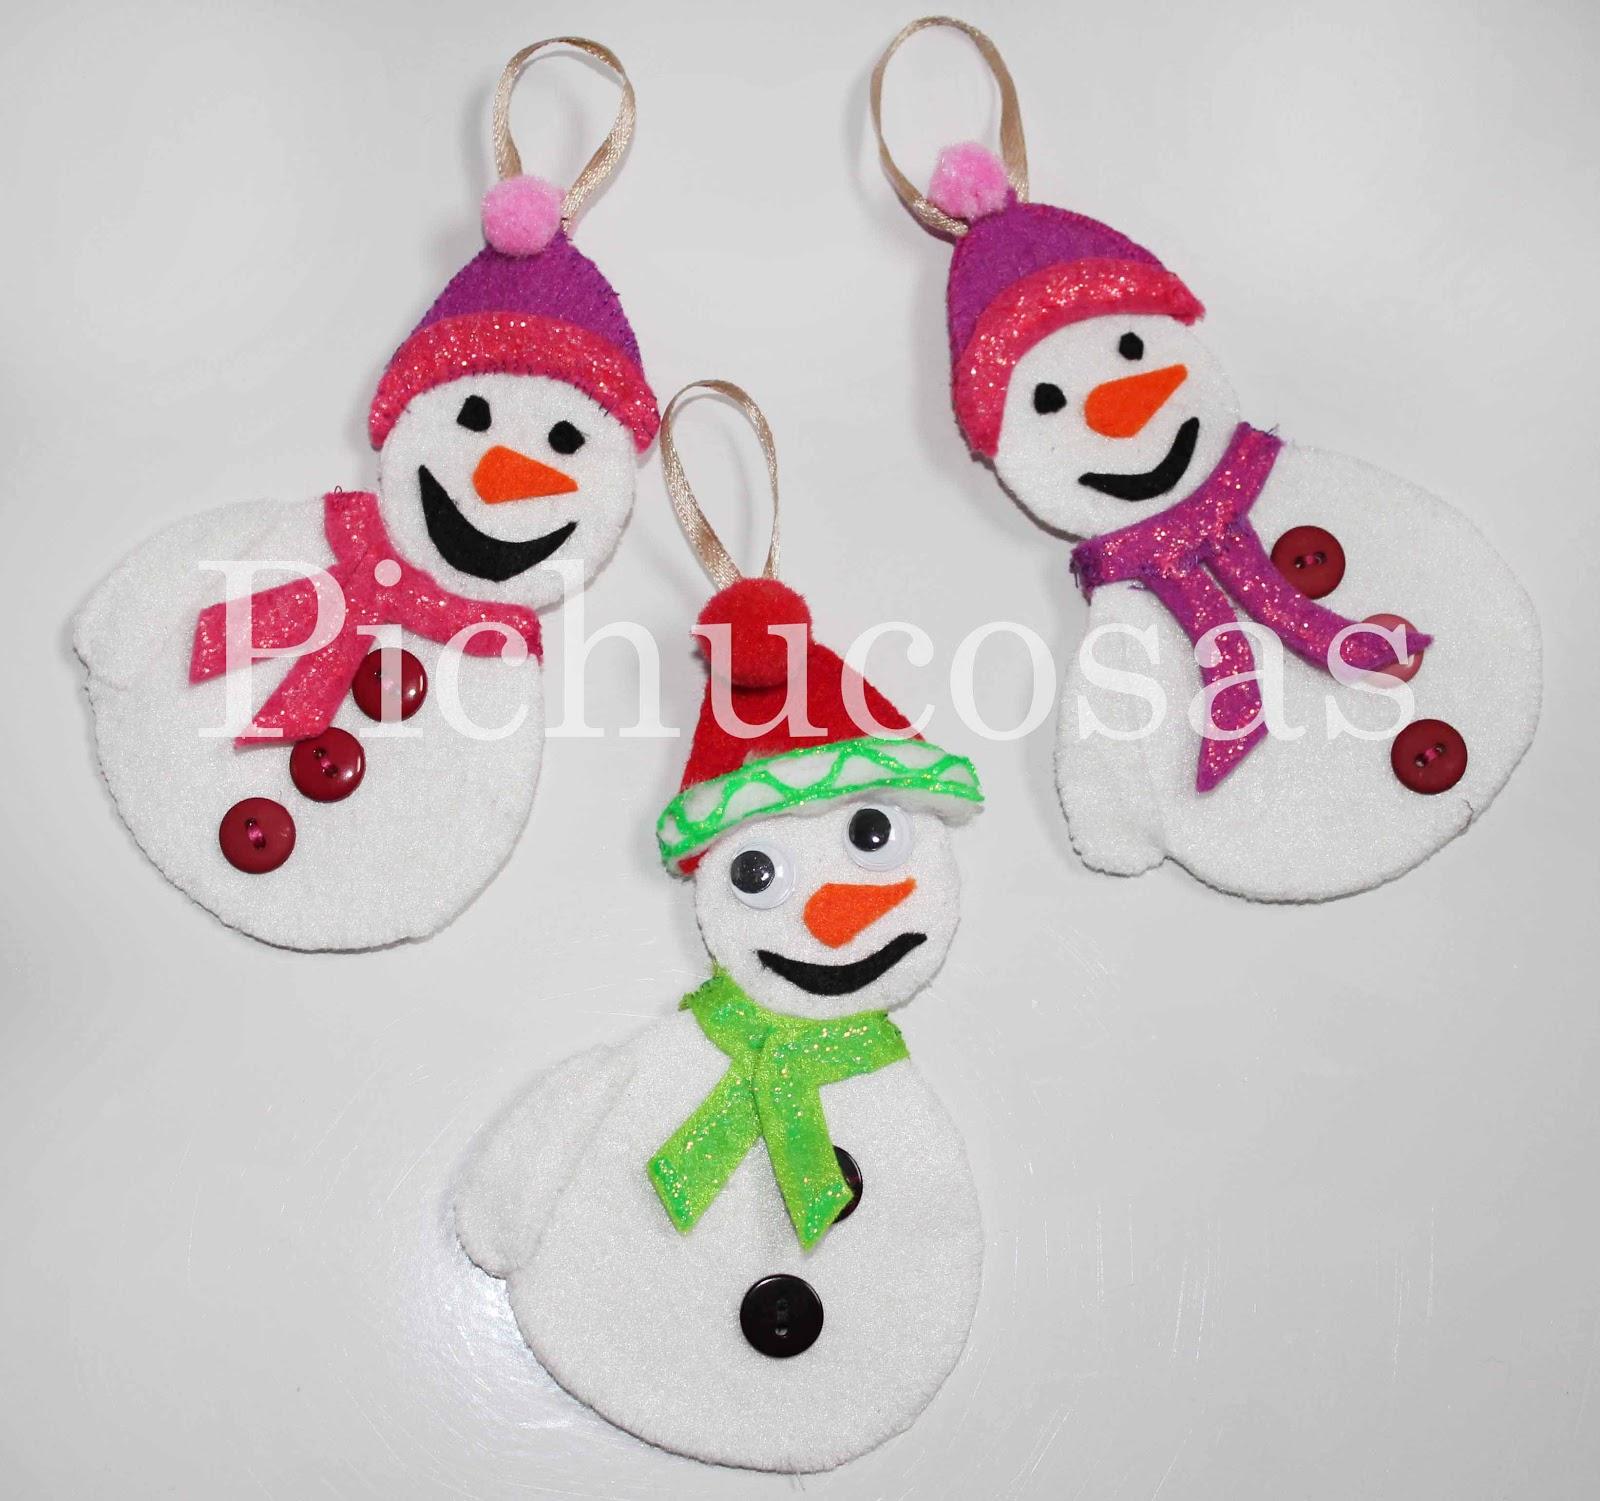 Pichucosas decoraci n para navidad vol 3 mu ecos de - Nieve para arbol de navidad ...